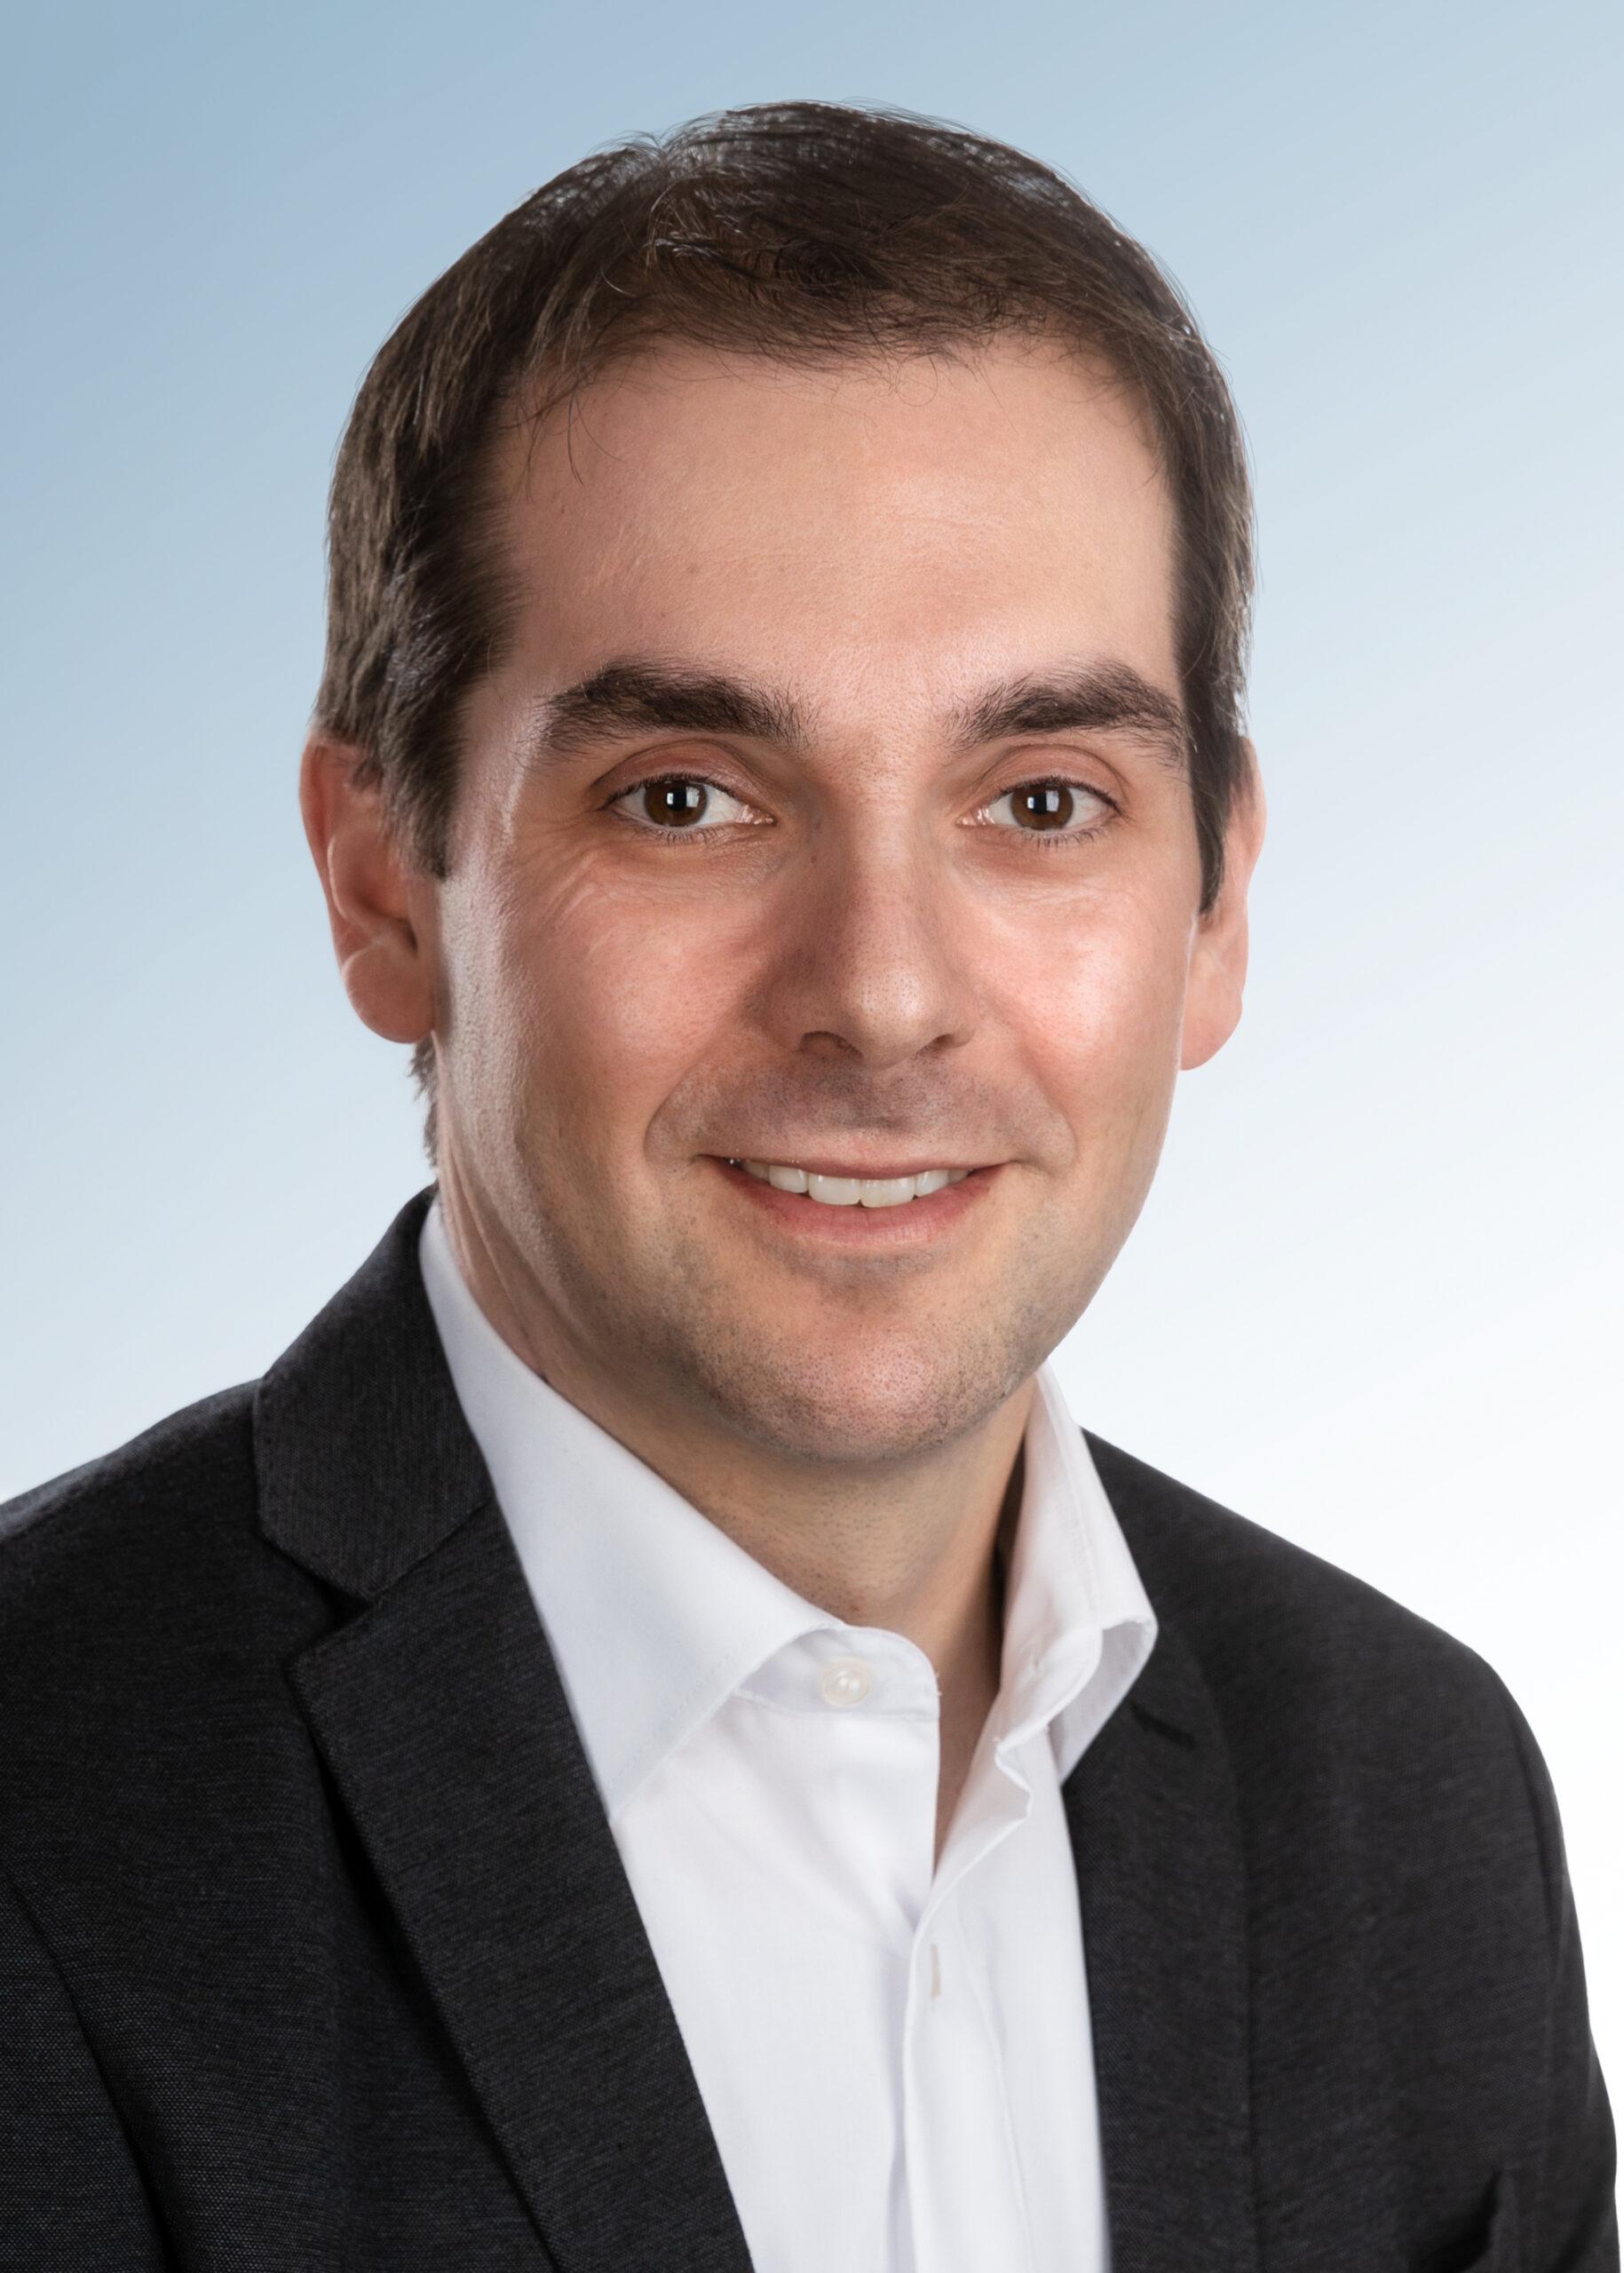 Michael Hofmann, Gemeinderat im Markt Geiselwind